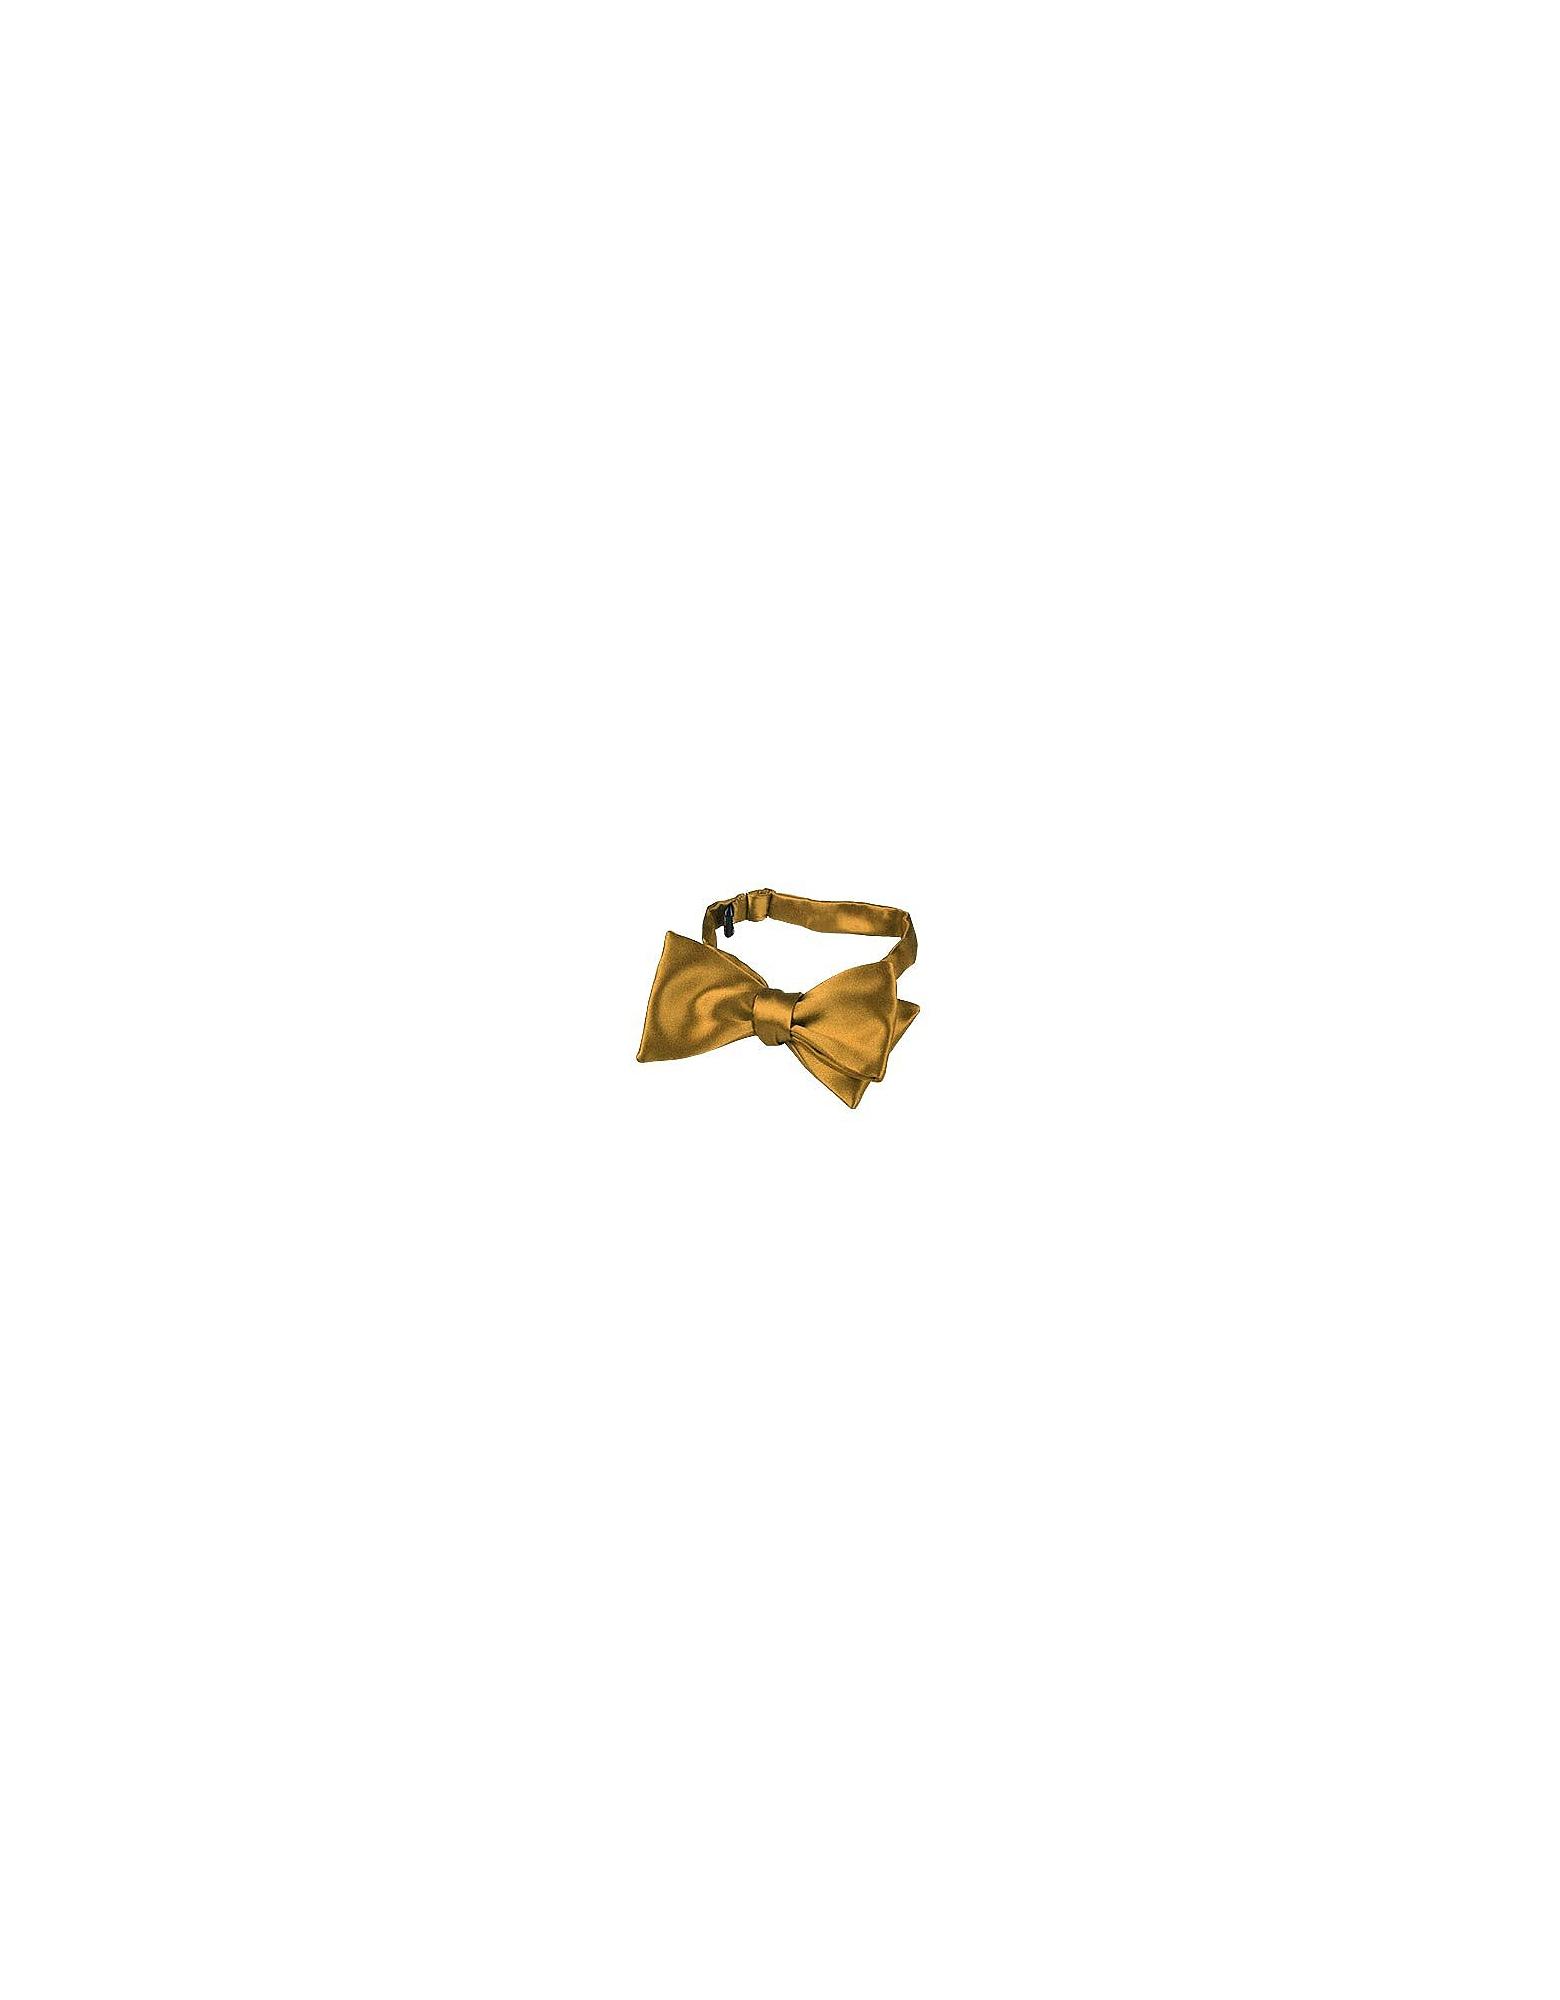 Forzieri Bowties and Cummerbunds, Ocher Yellow Solid Silk Self-tie Bowtie